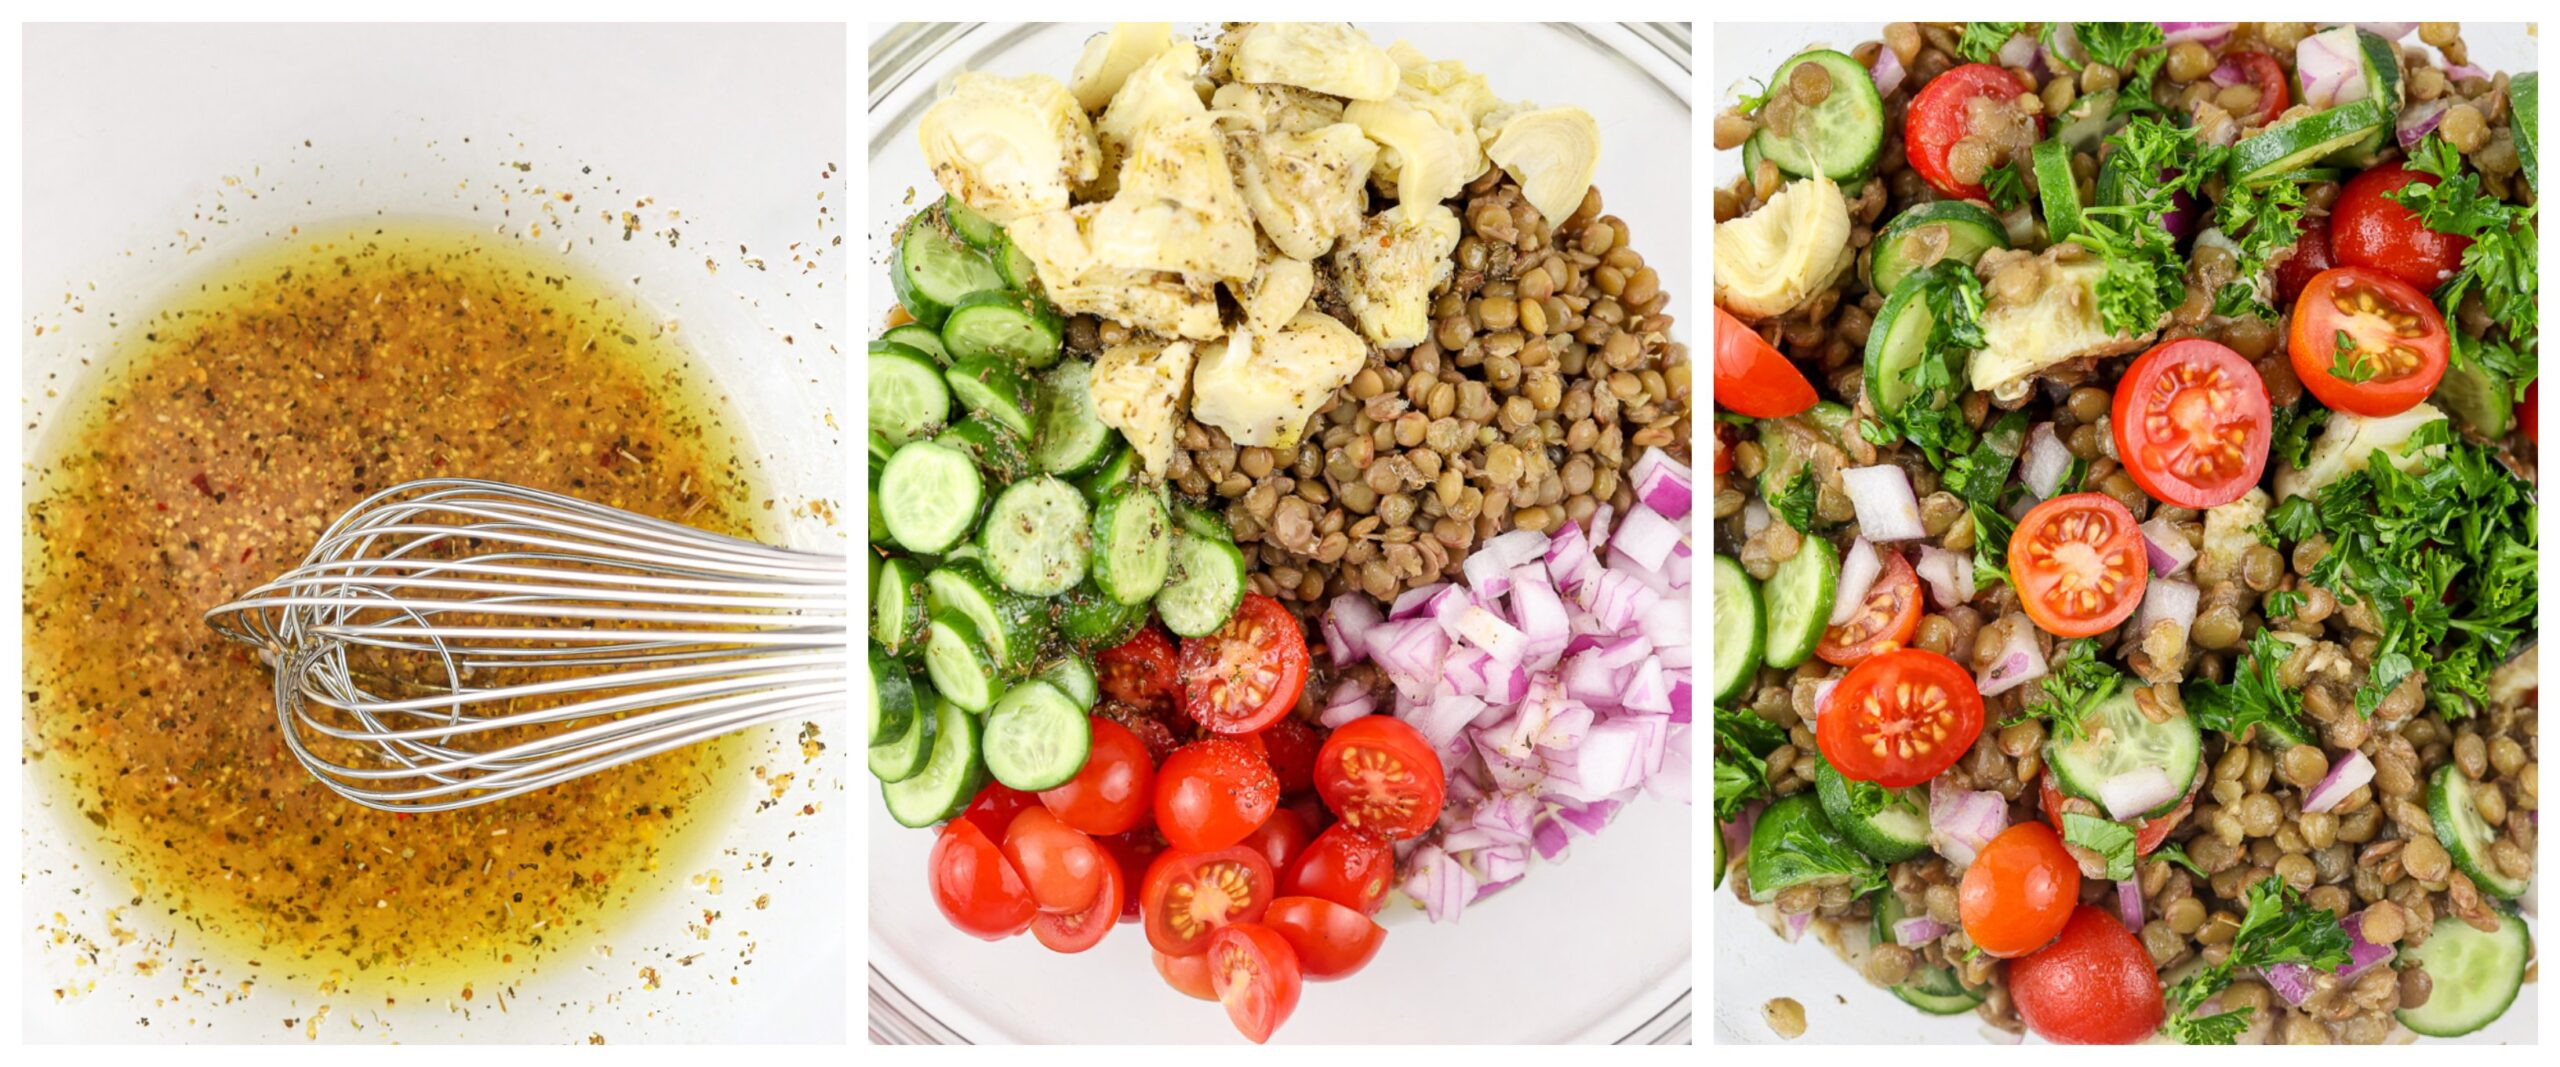 Process steps to make a lentil salad.